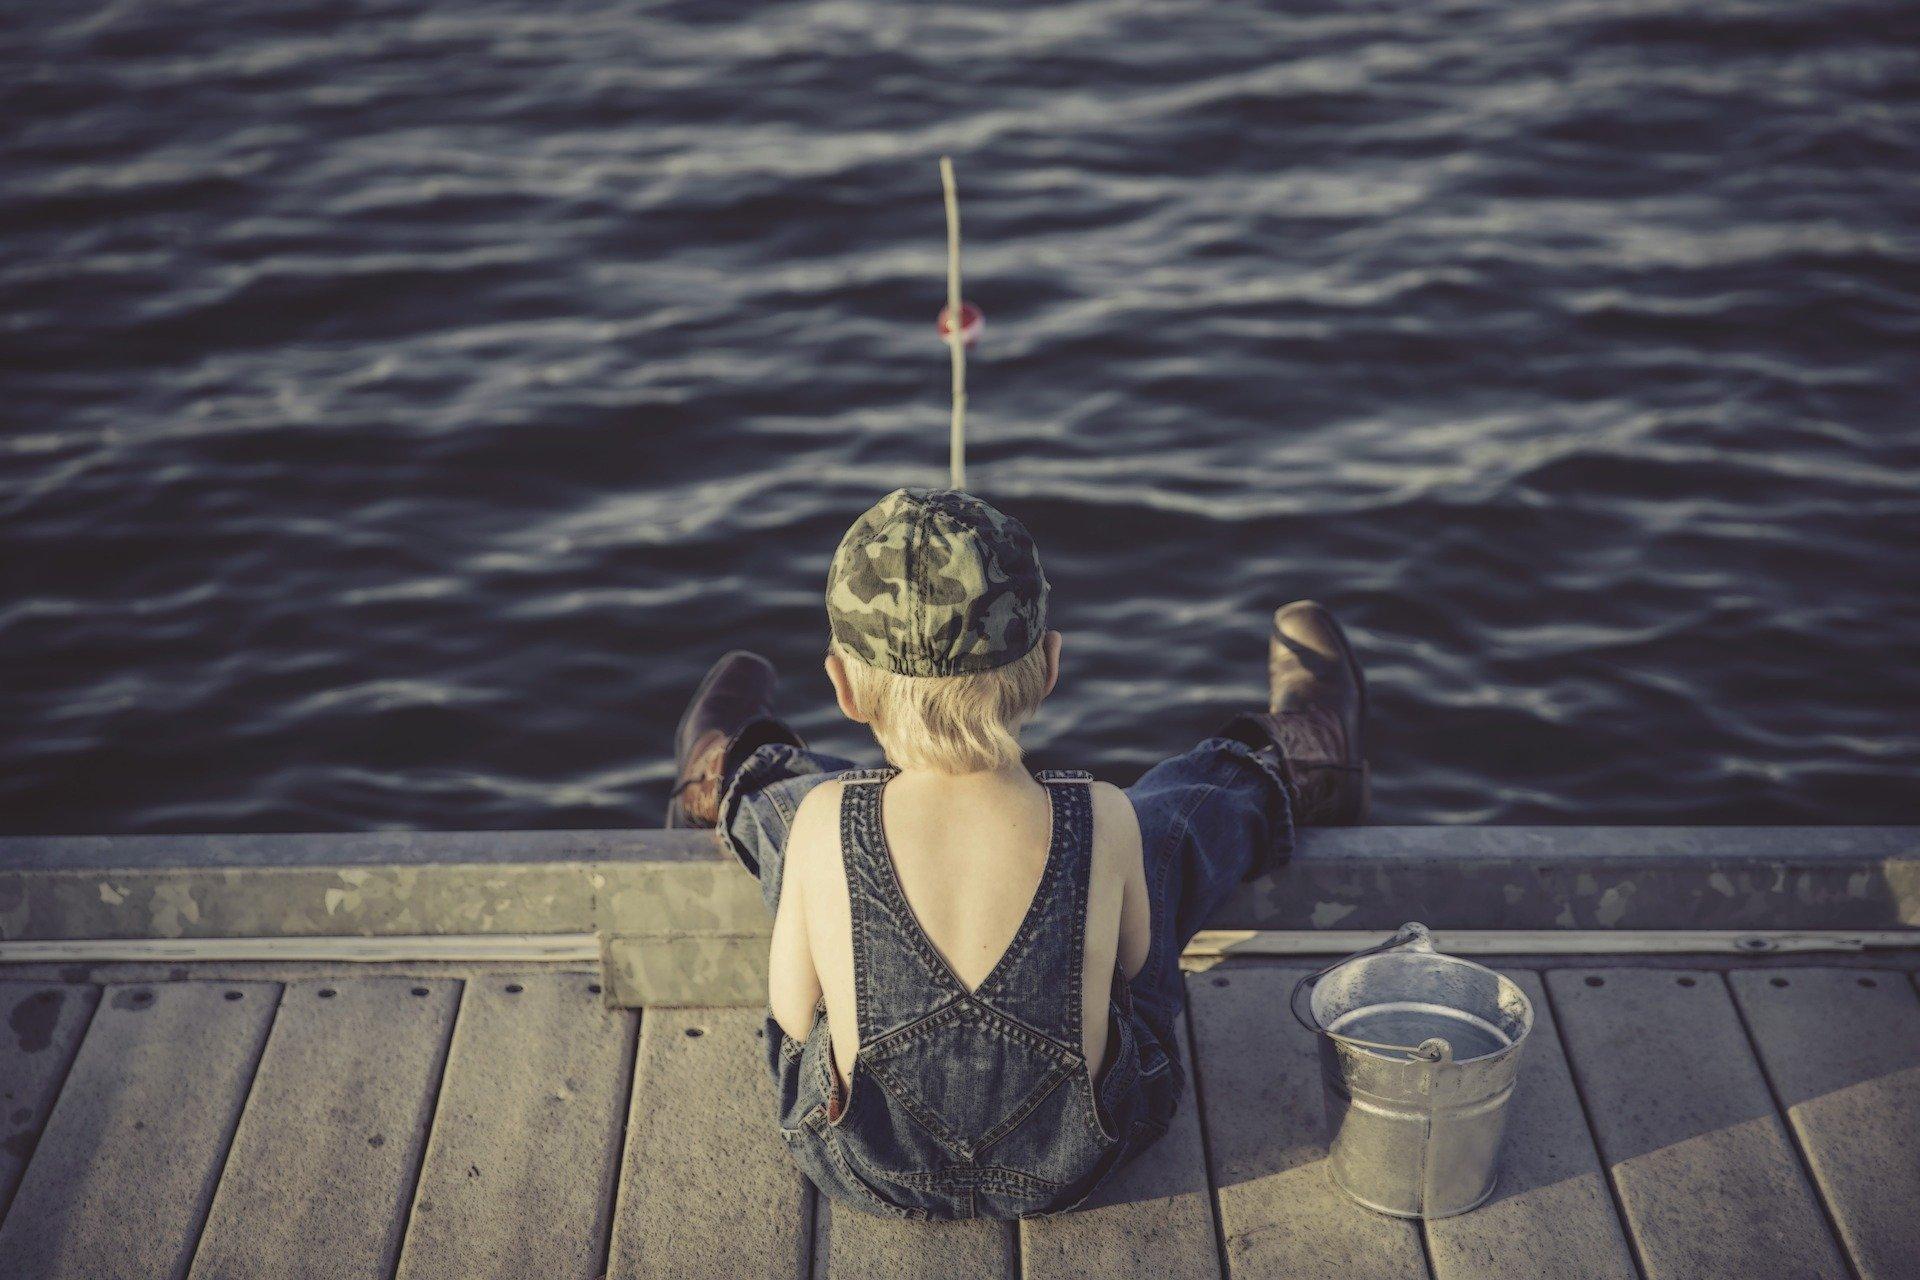 Zum Angeln benötigen Urlauber eine Angelkarte und den (Touristen-)Fischereischein.